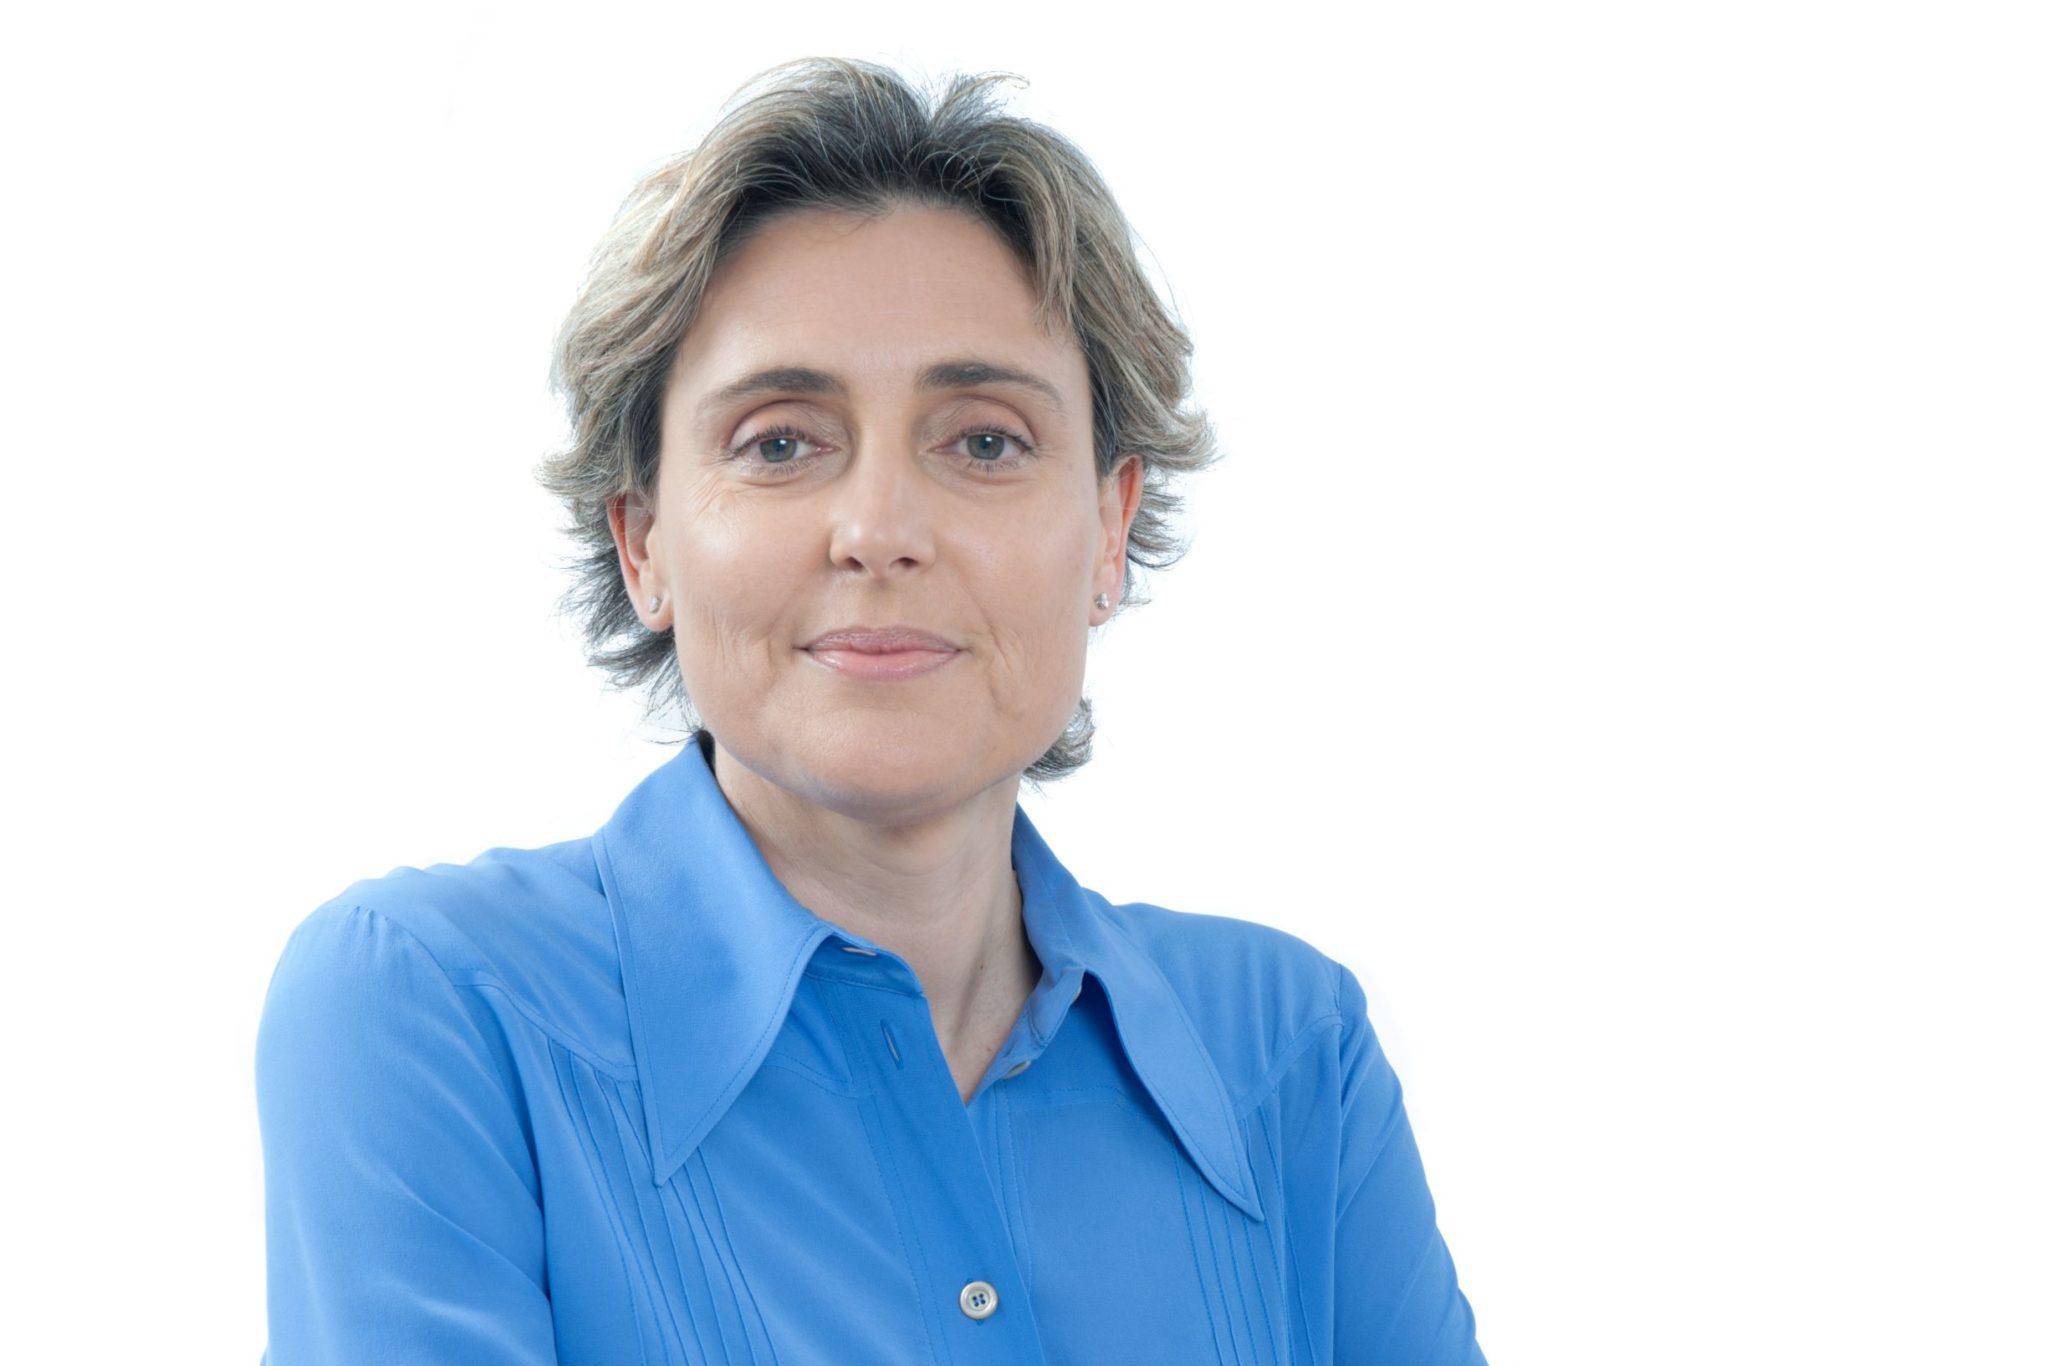 Claudia Azevedo baixo VL